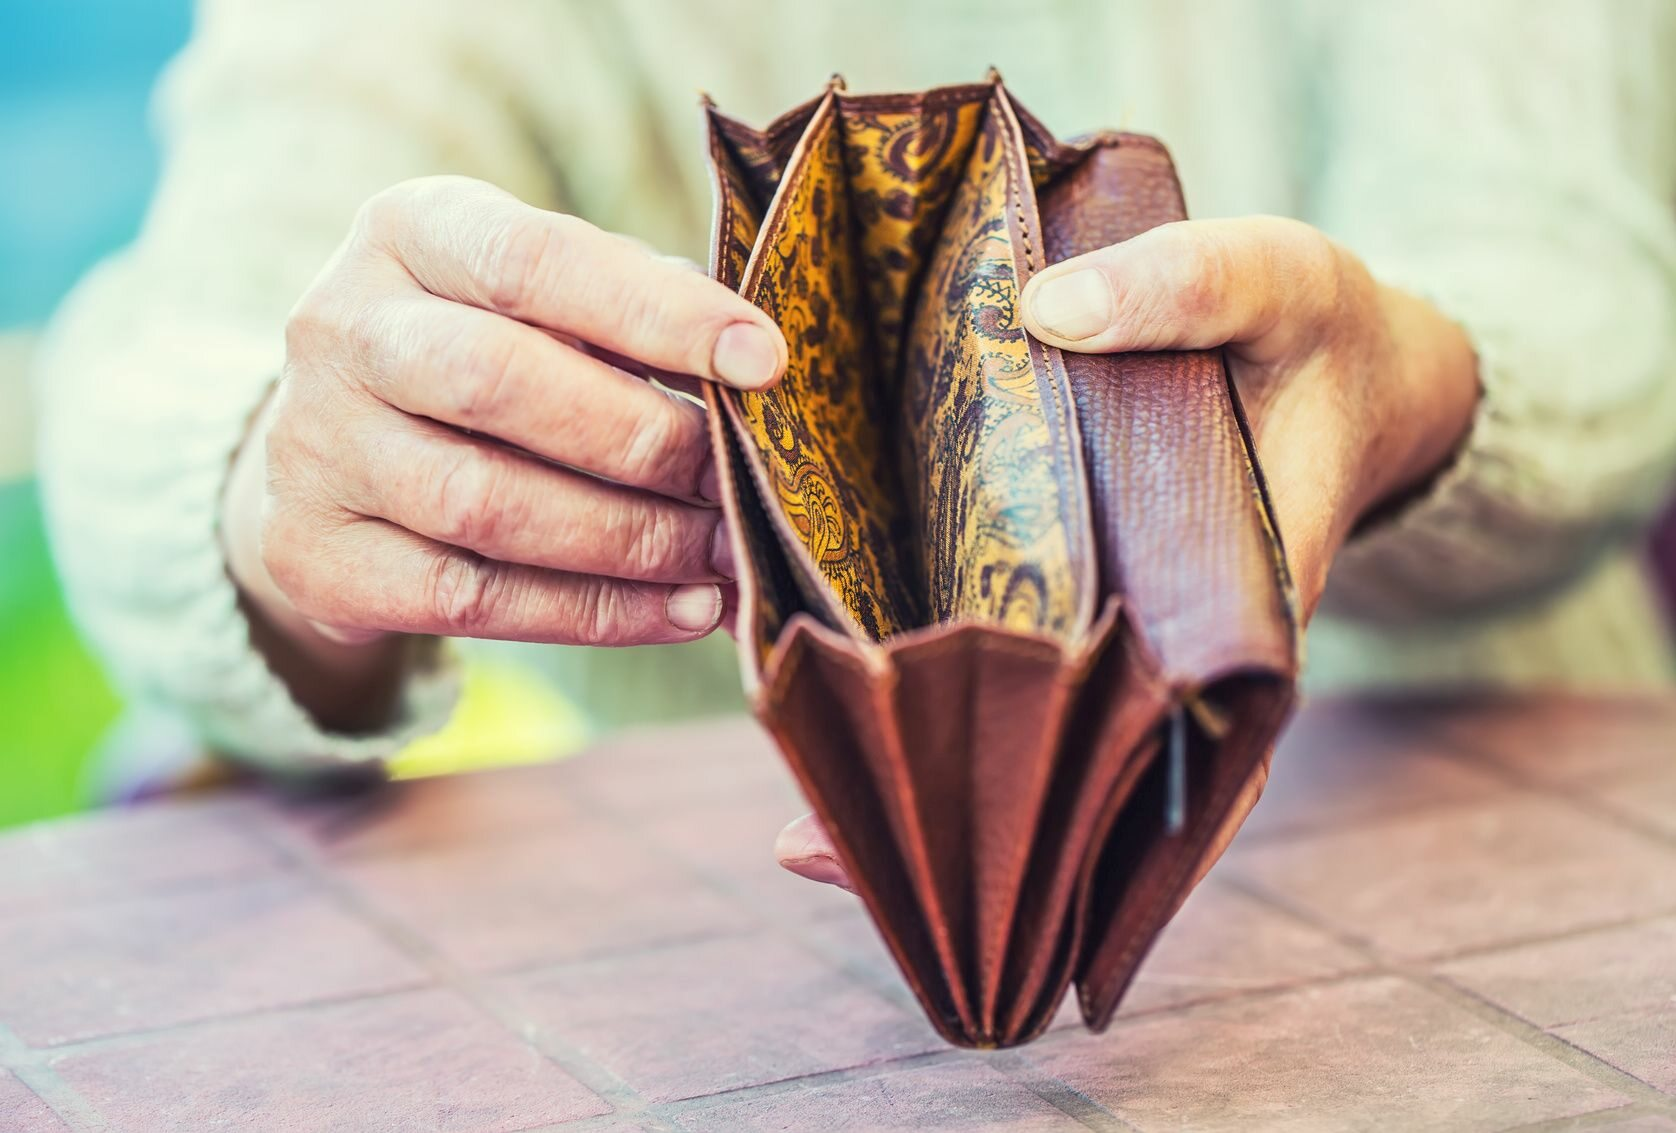 Emerytka z portfelem w rękach